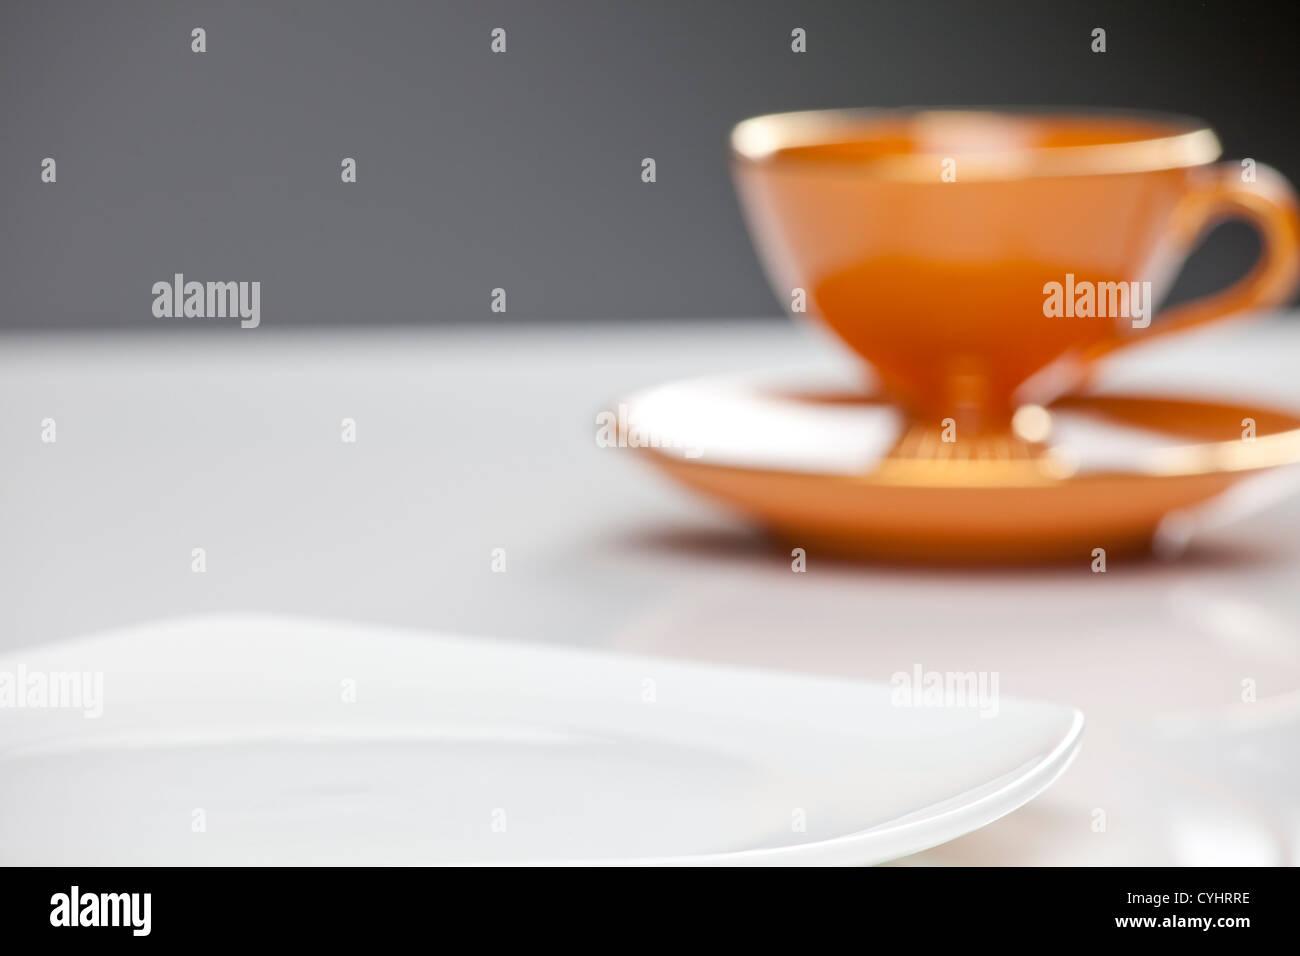 Tasse de thé orange et blanc sur plaque de surface blanche réfléchissante. Photo Stock